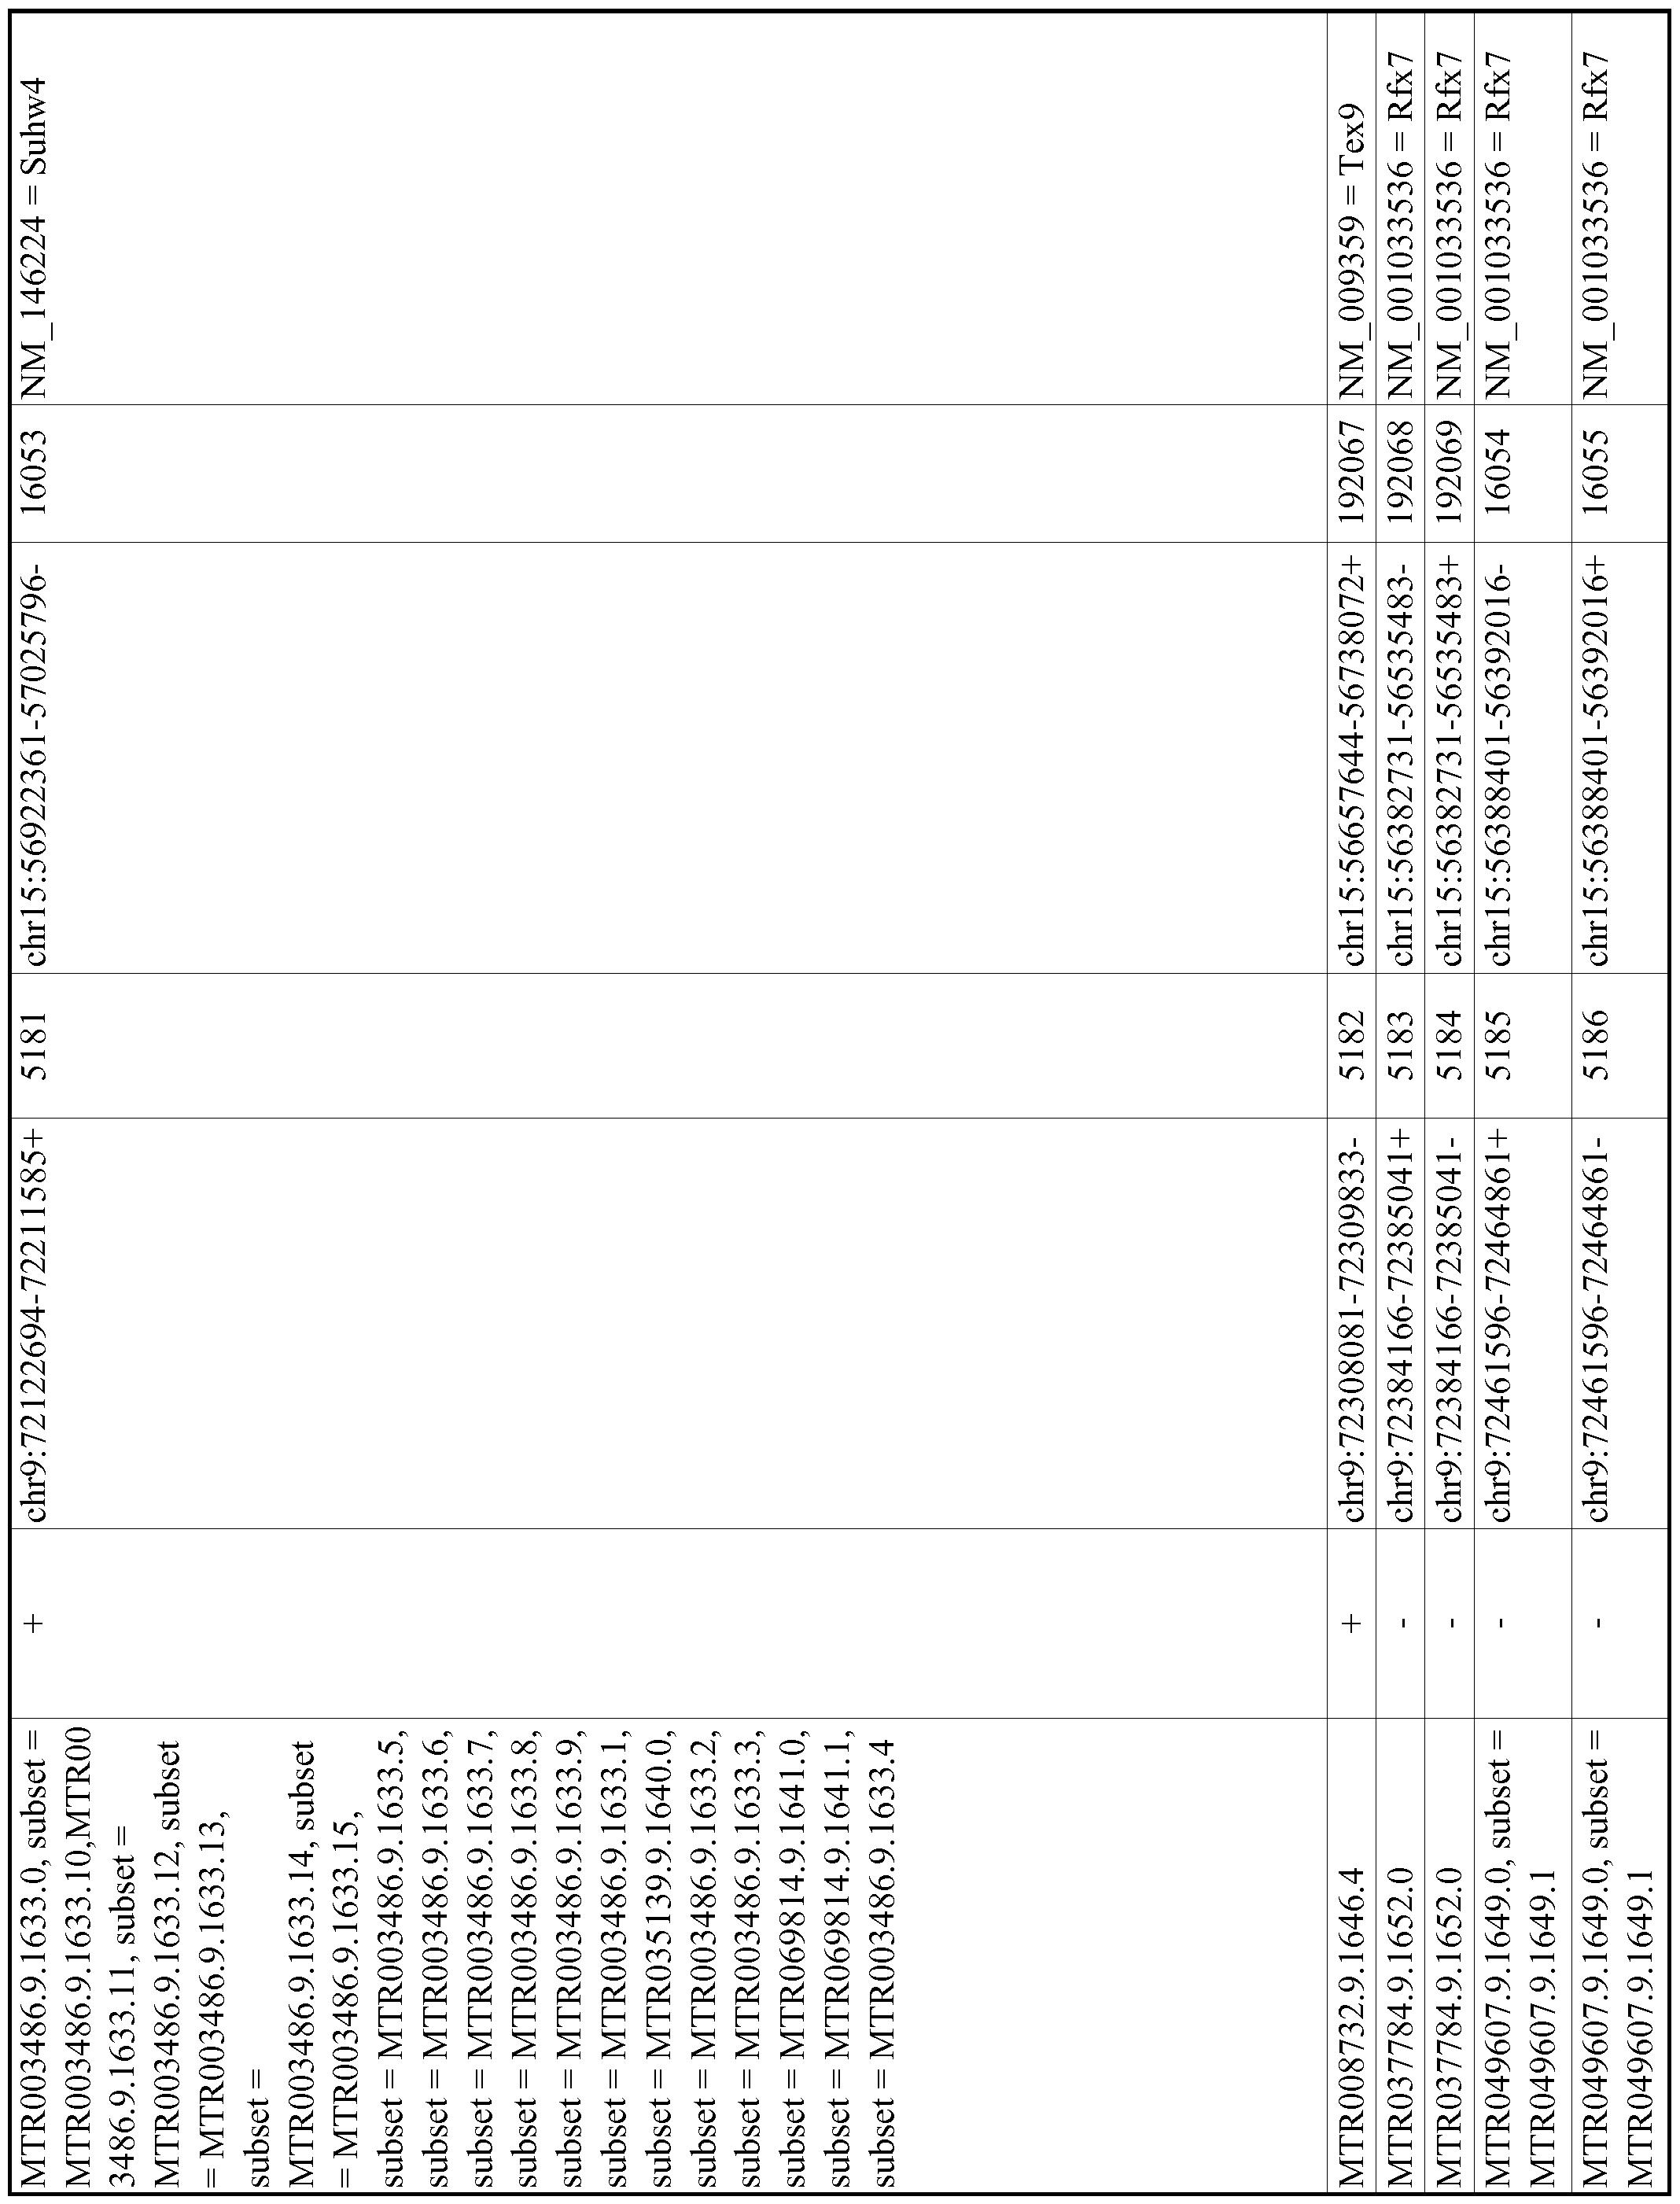 Figure imgf000942_0001